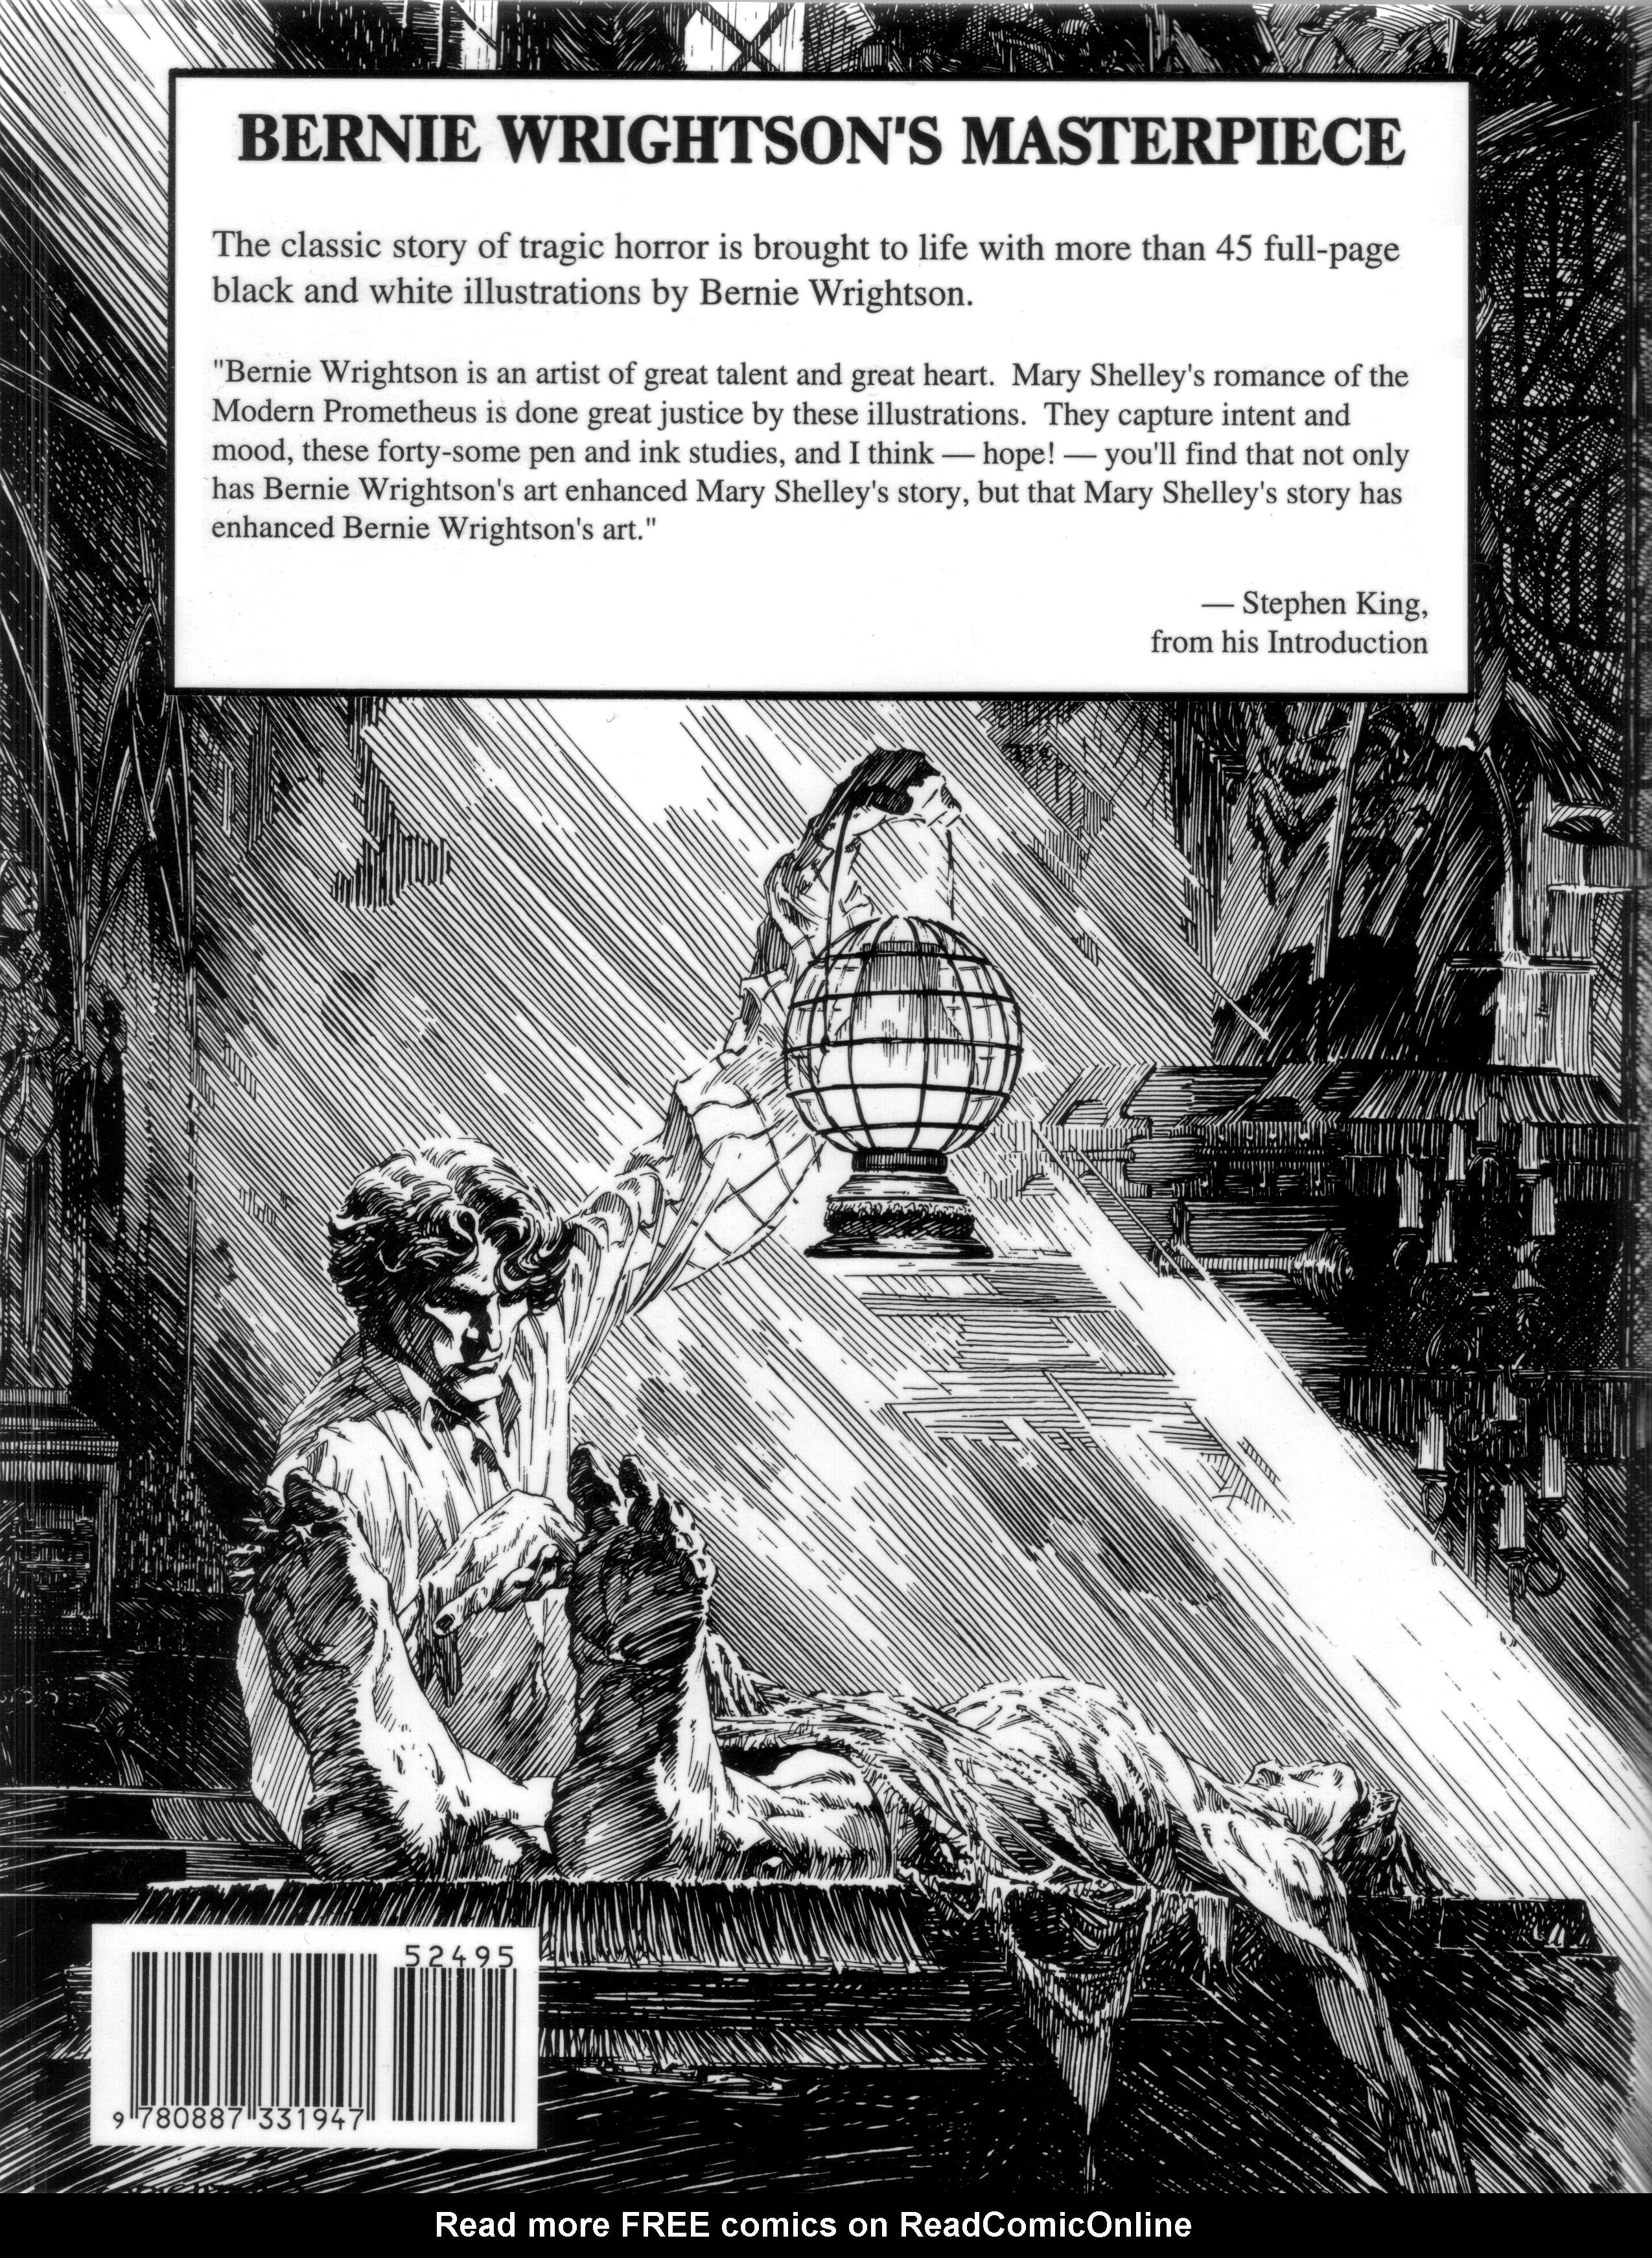 Read online Bernie Wrightson's Frankenstein comic -  Issue # Full - 46